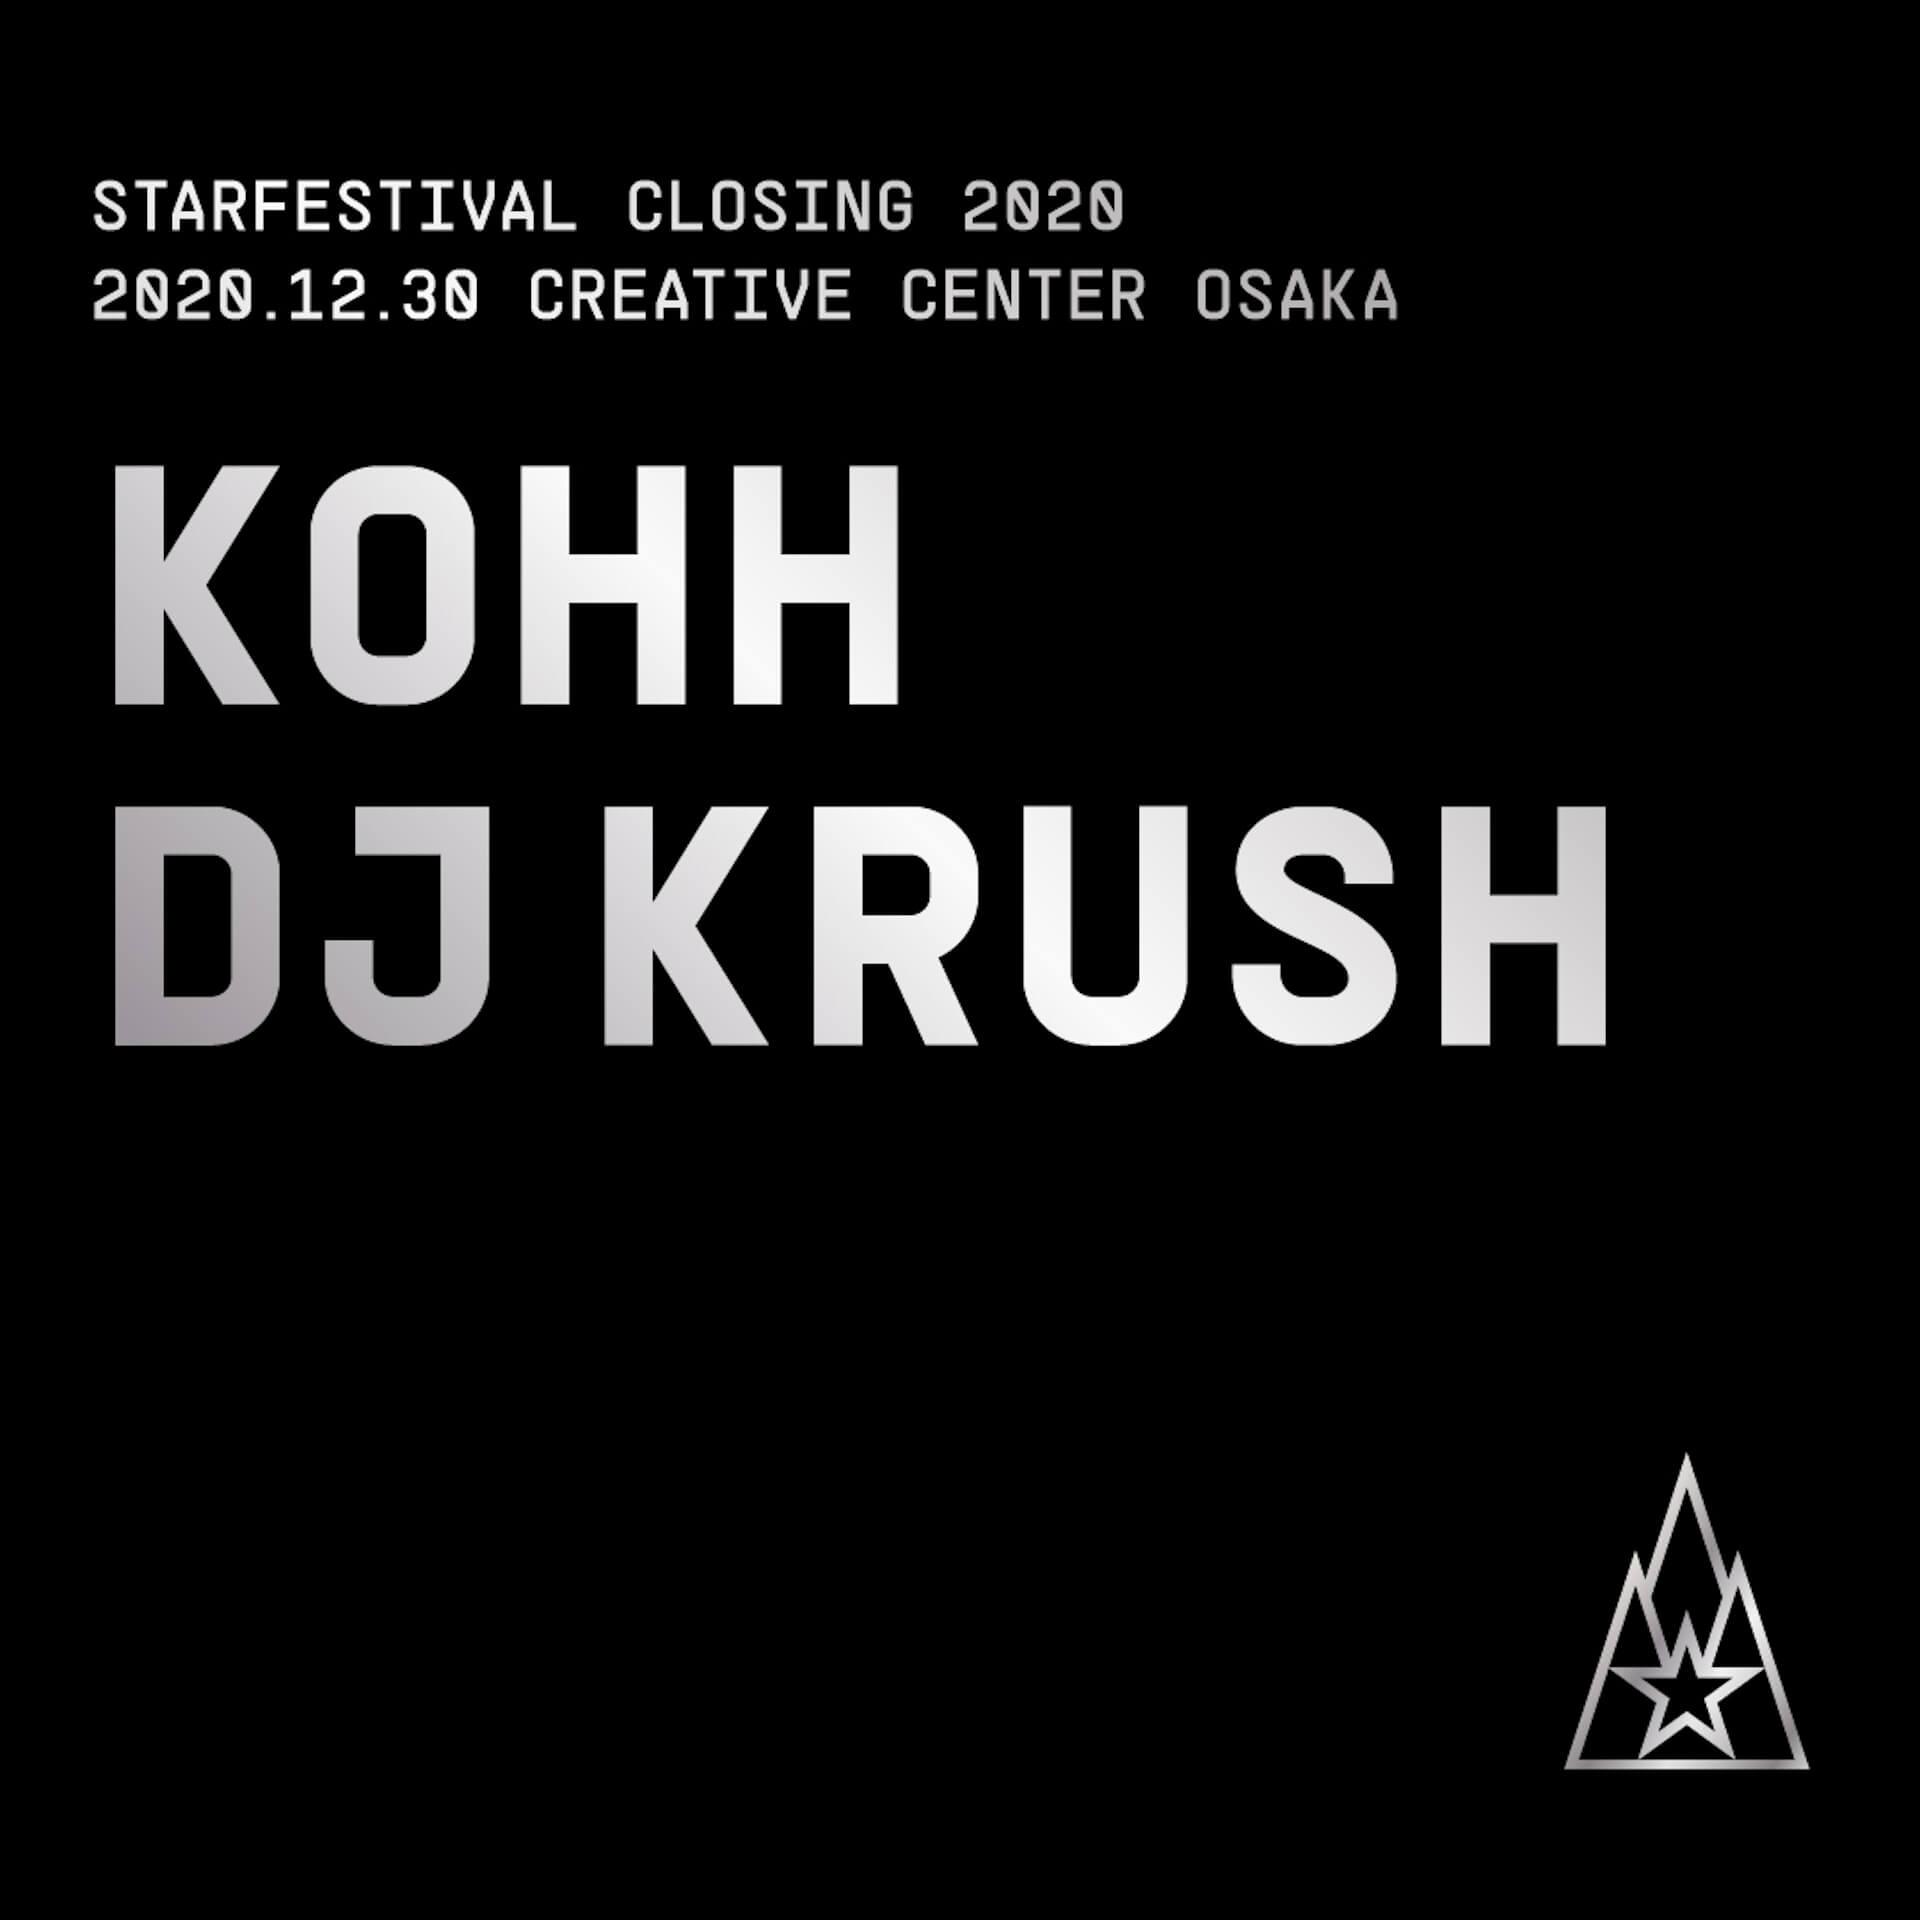 年末パーティー<Starfestival closing 2020>の追加出演者が発表!釈迦坊主、KM、Kyokaらがラインナップ music201209_starfestival_3